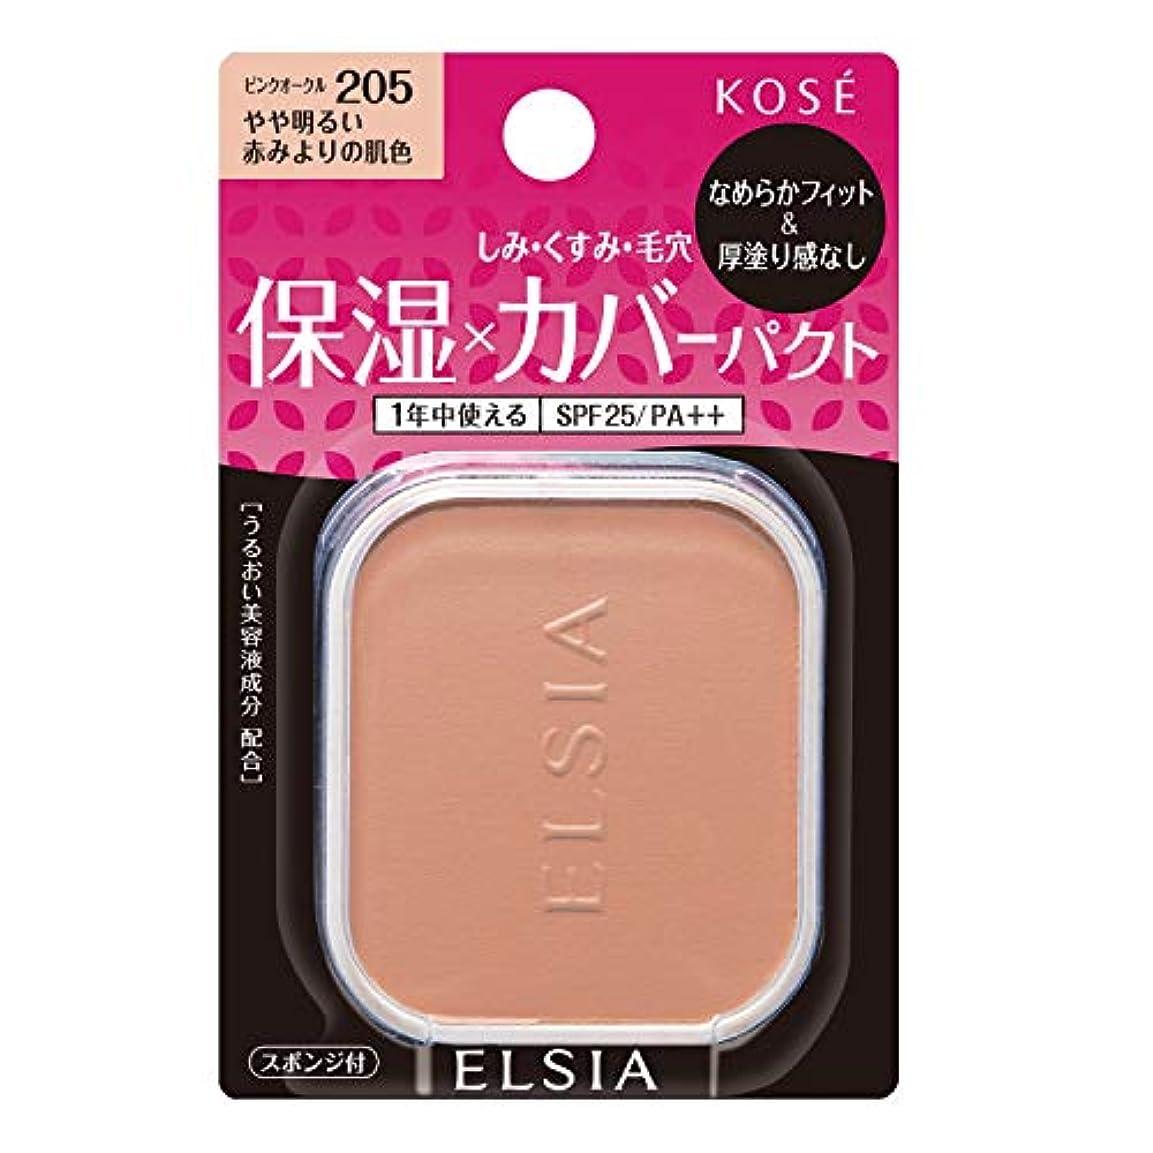 ドライバミス社会科ELSIA(エルシア) エルシア プラチナム モイストカバー ファンデーション レフィル 205 ピンクオークル やや明るい赤みよりの肌色 詰替え用 10g